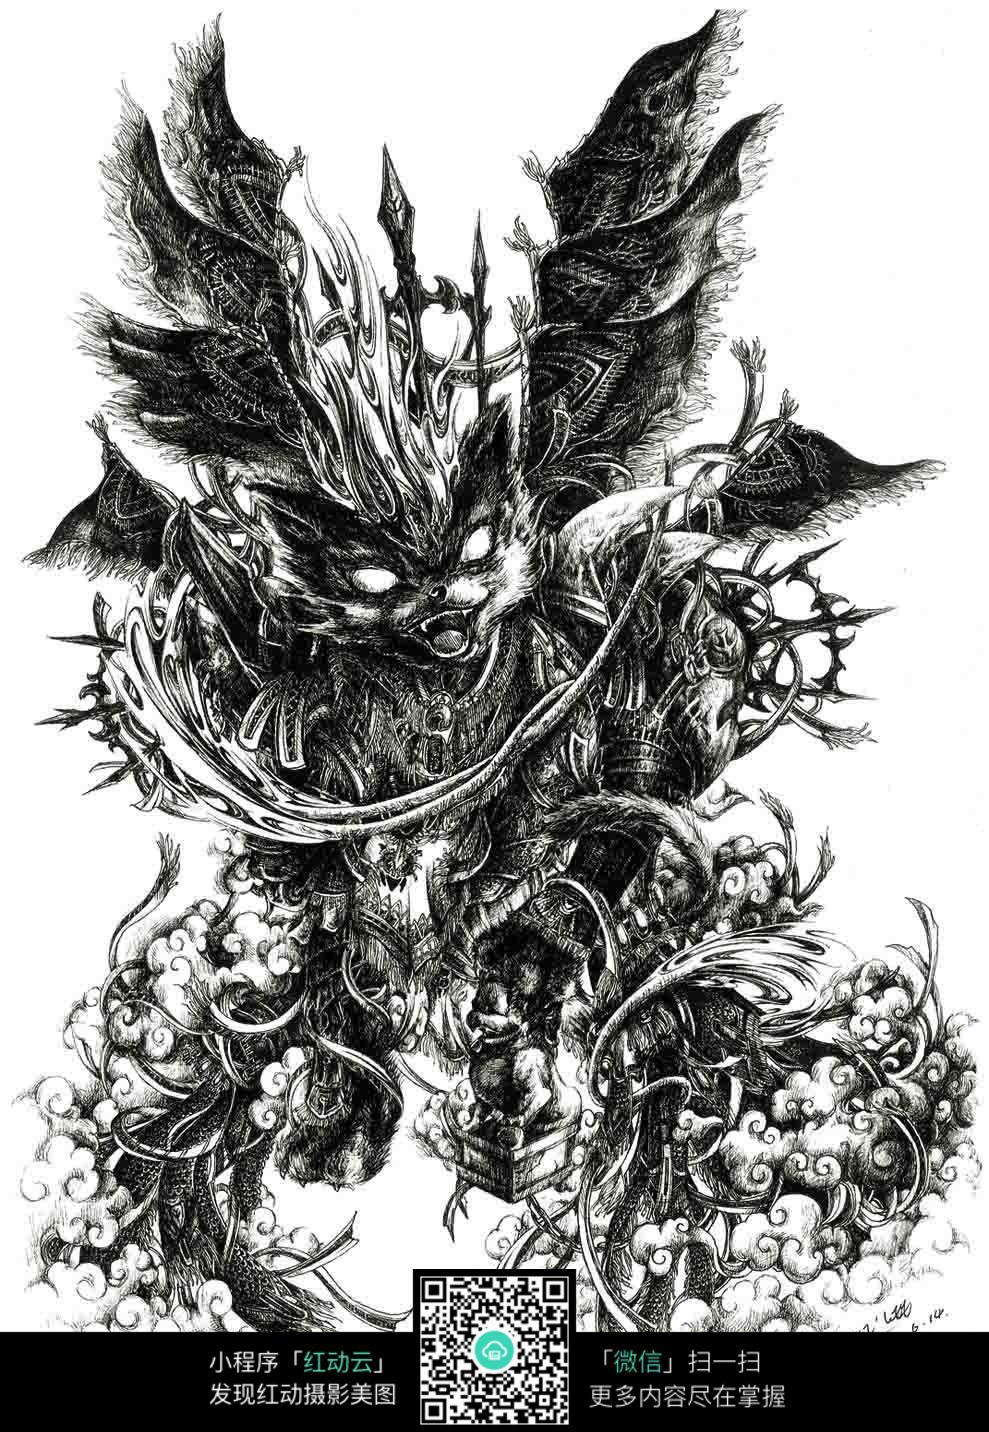 免费素材 图片素材 漫画插画 人物卡通 《威》创意野狼黑白钢笔线描画